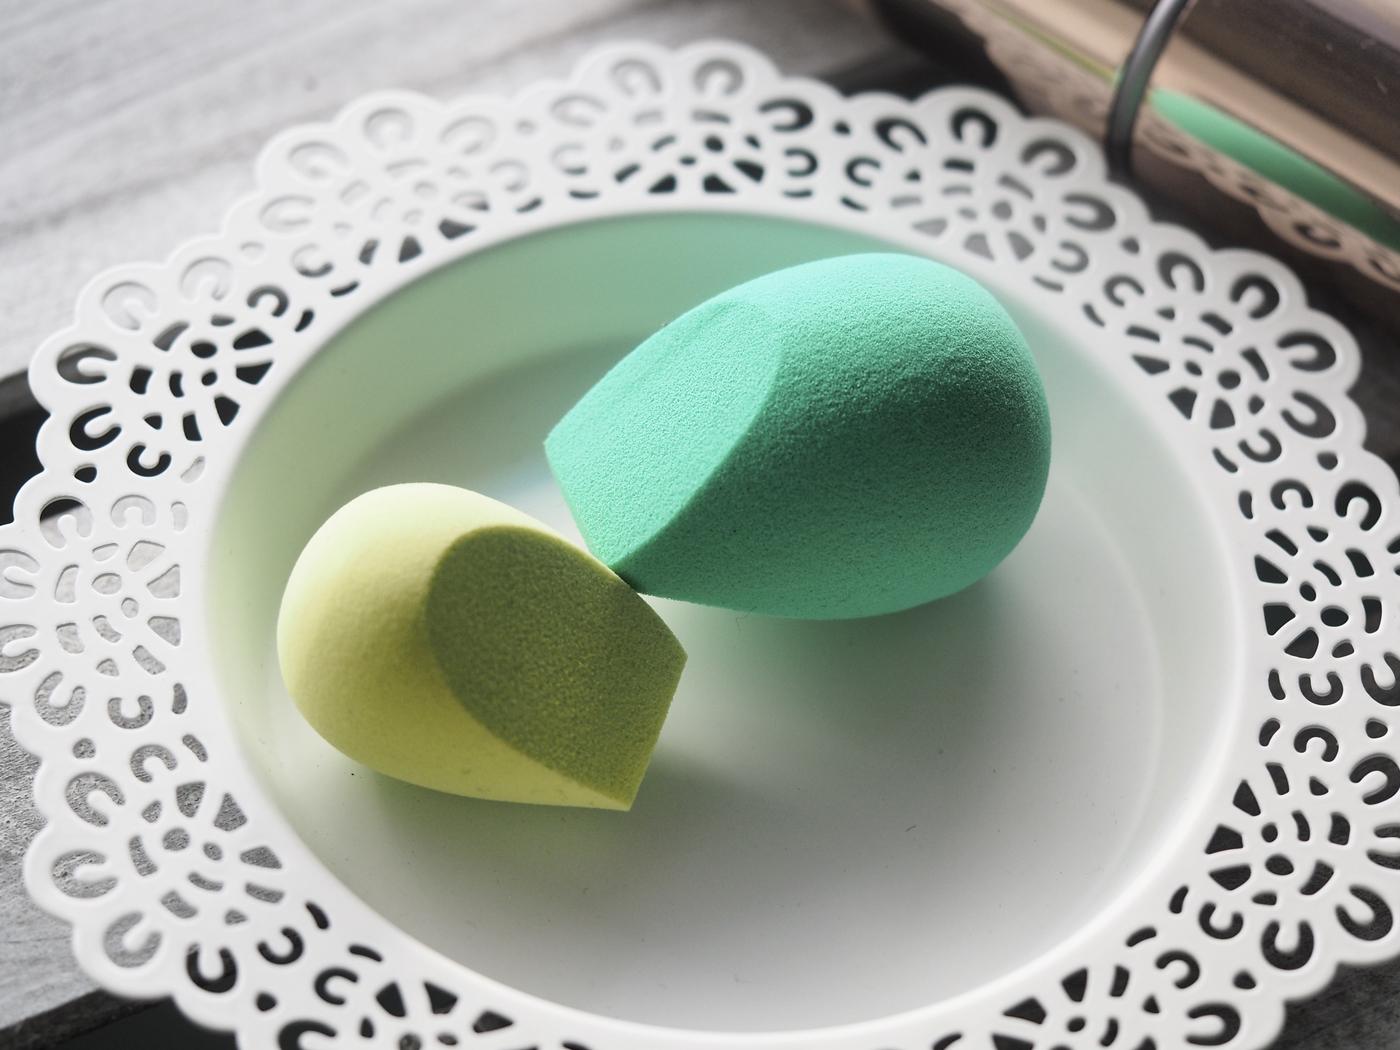 Ecotool meikkimunat.jpg